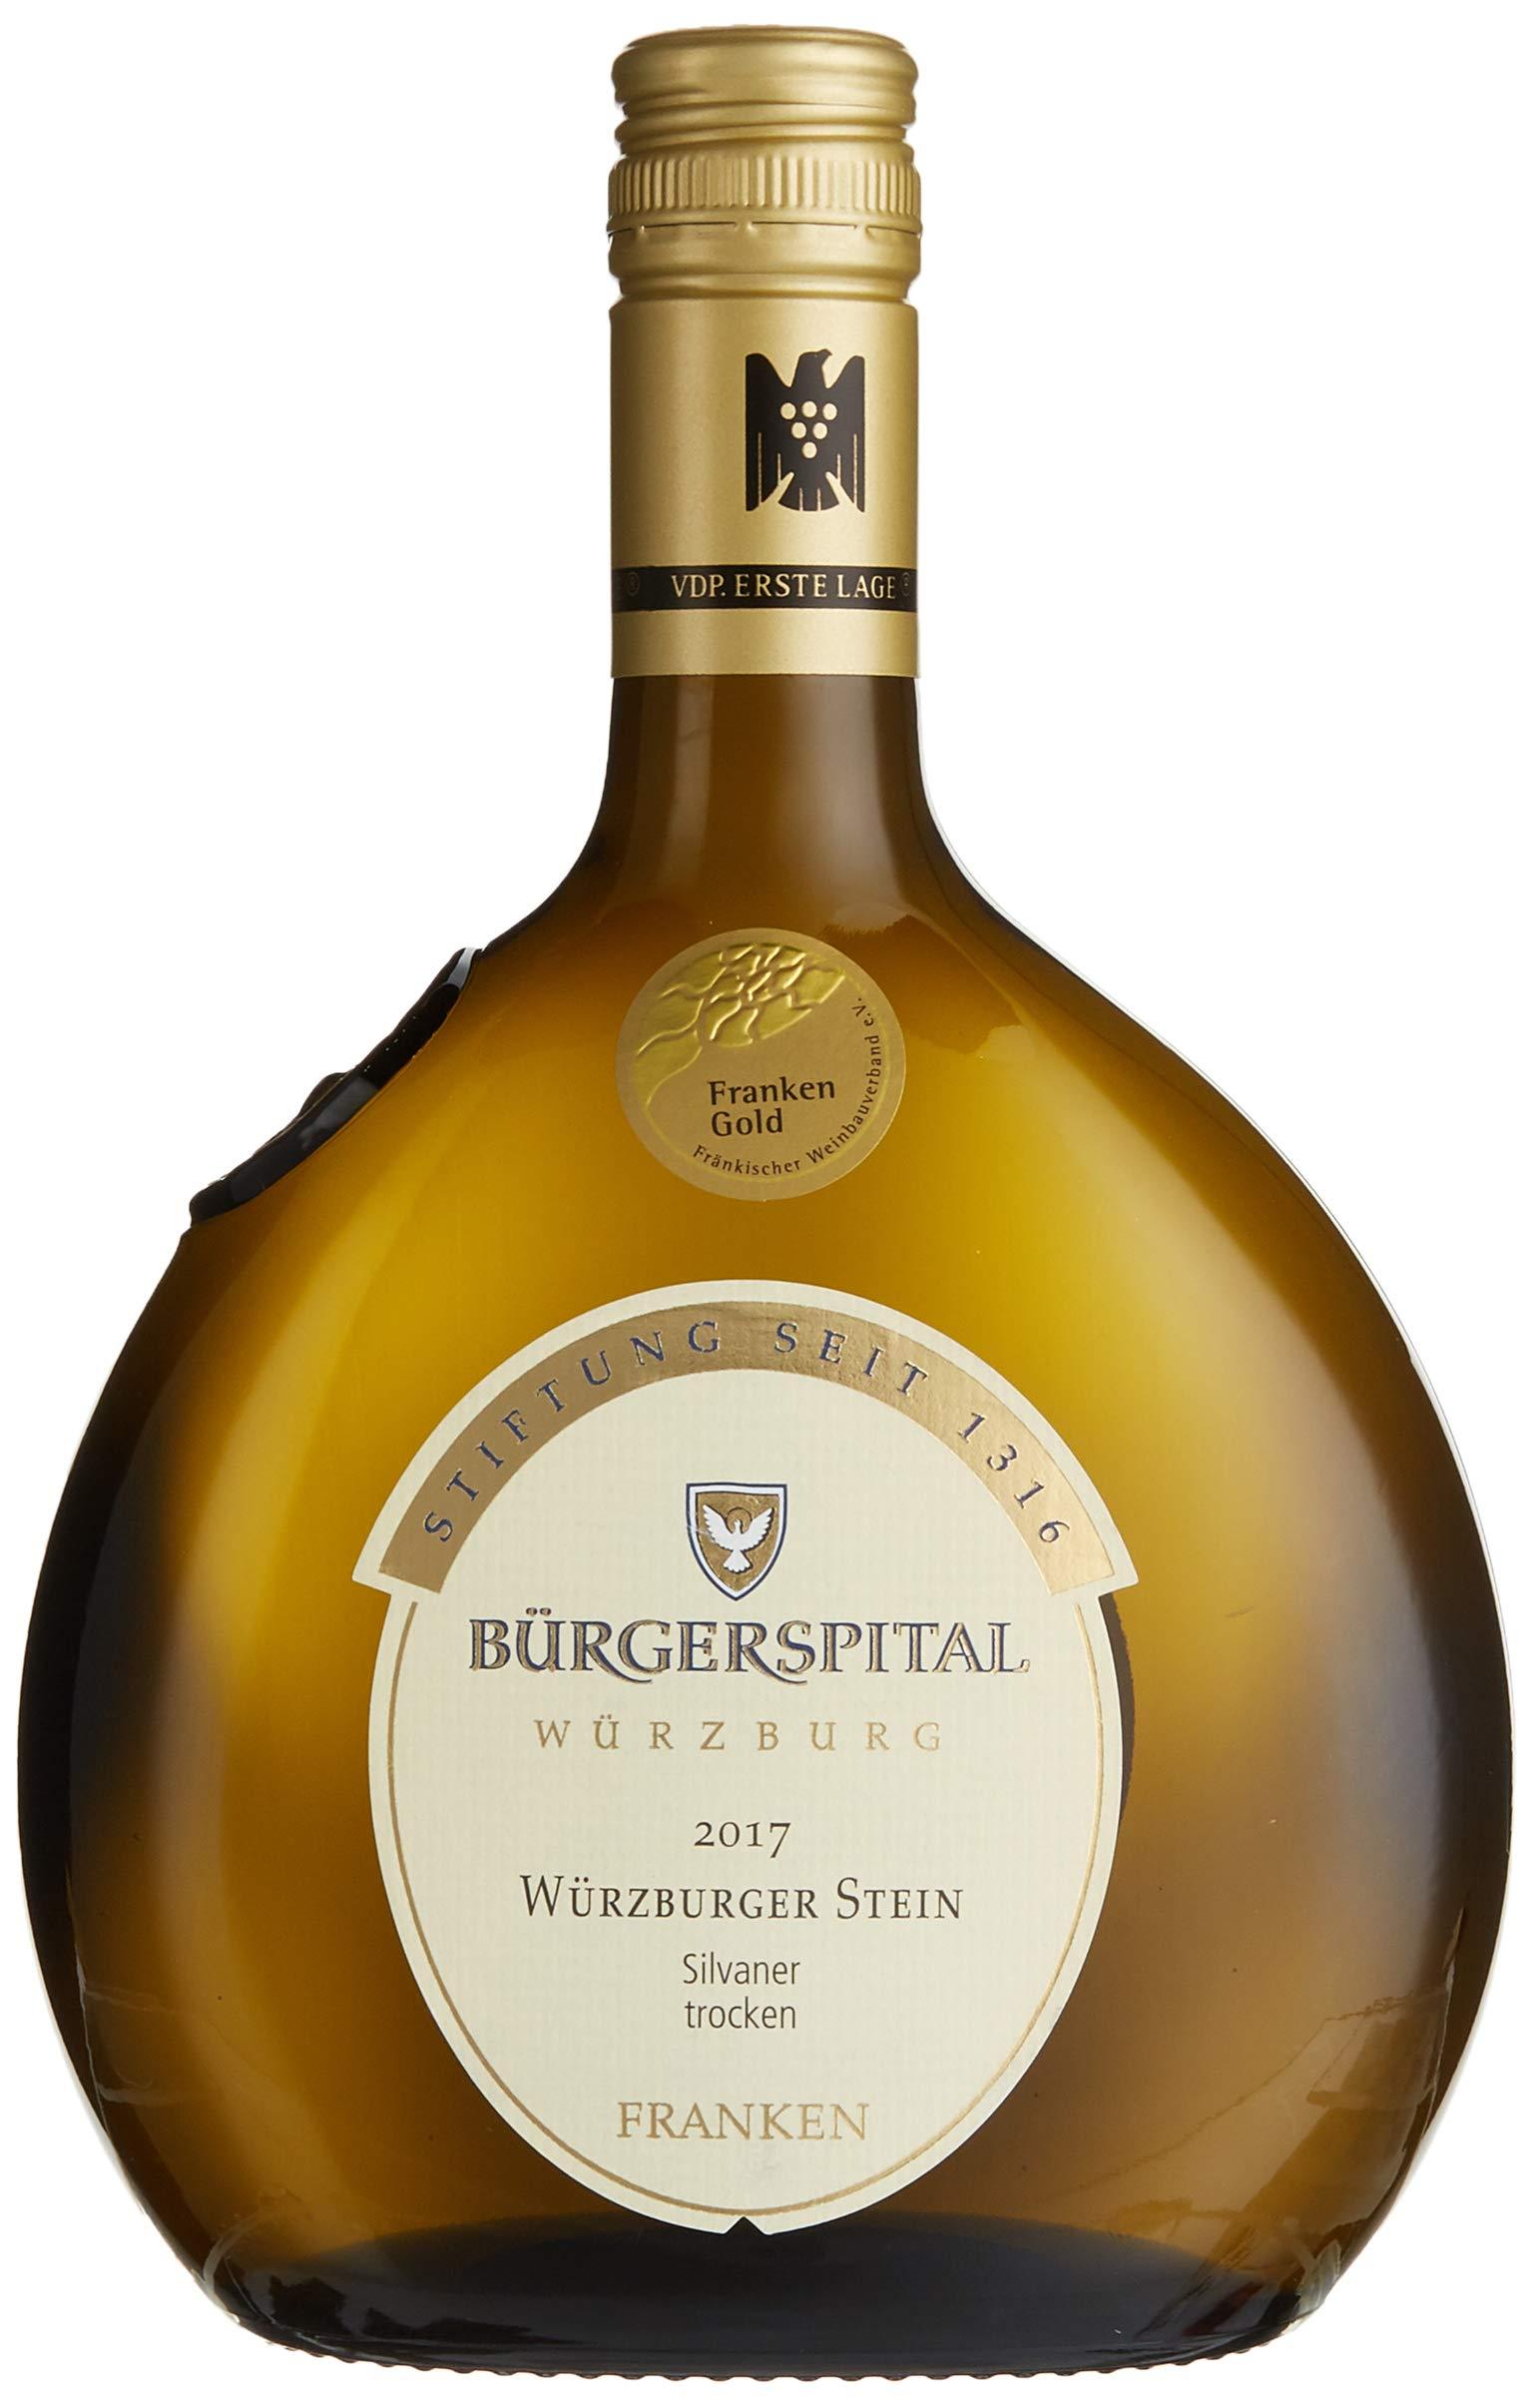 Weingut-Brgerspital-zum-hl-Geist-Wrzburger-Stein-VDP-Erste-Lage-Qualittswein-Silvaner-20152016-Trocken-1-x-075-l